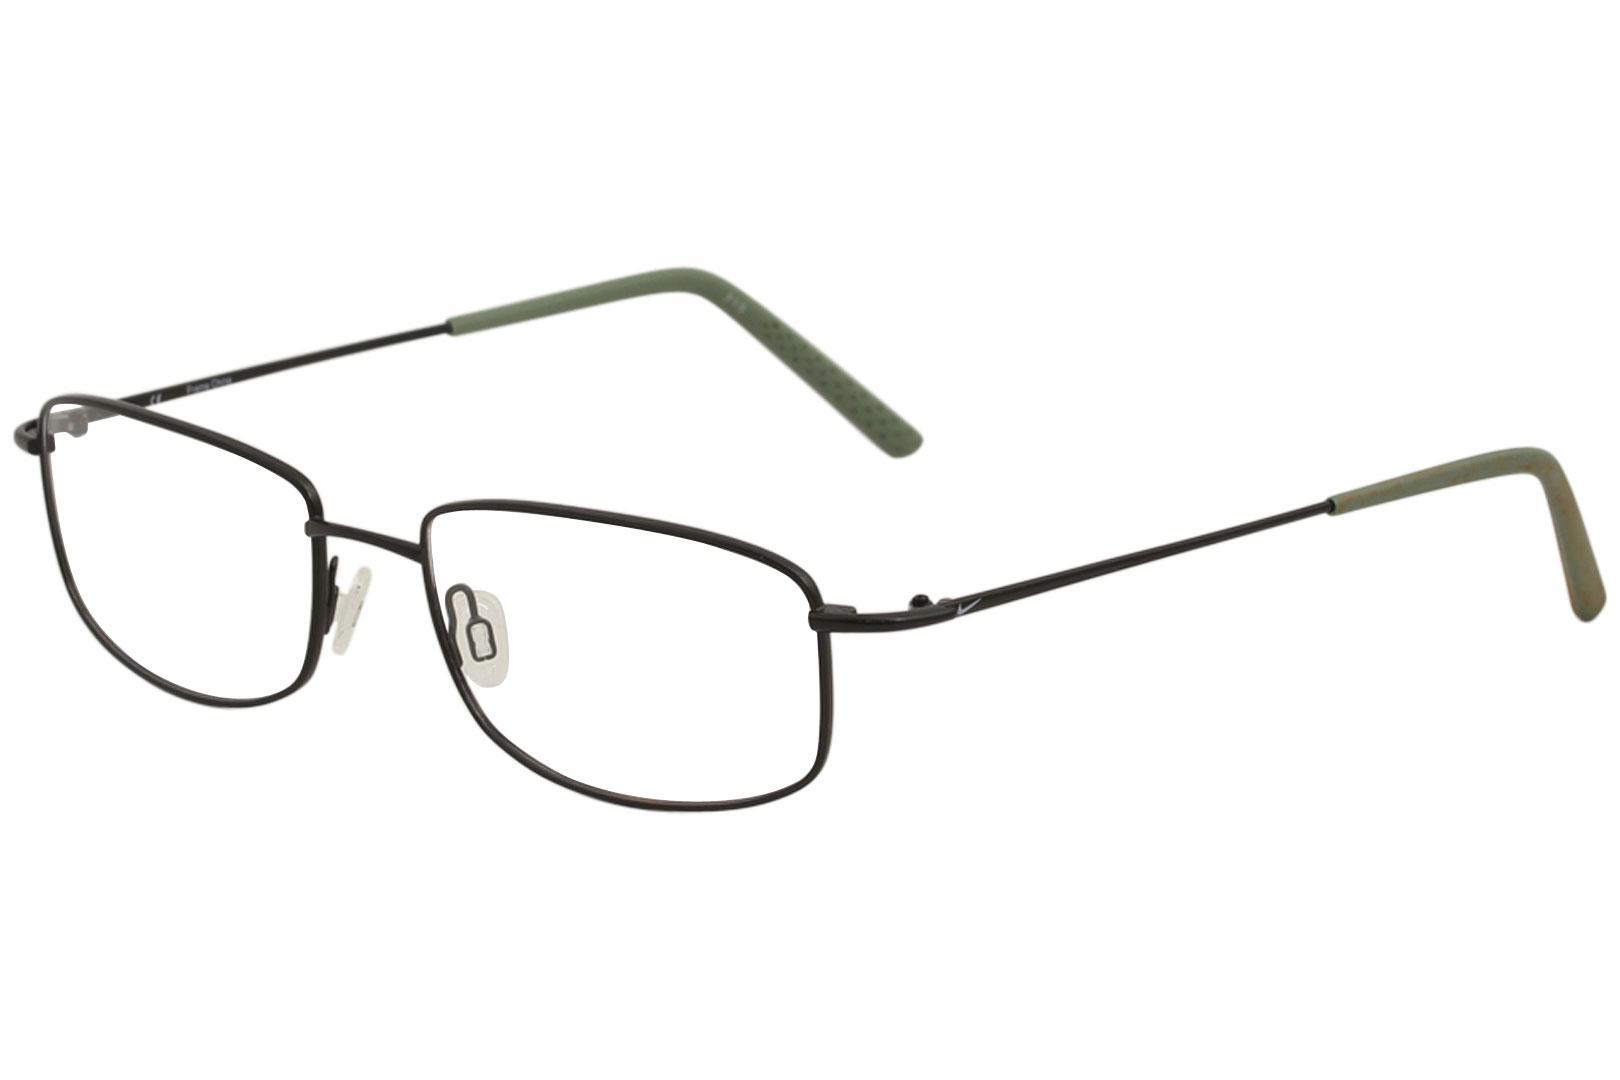 61021a3e3b Nike Men s Eyeglasses 8180 Full Rim Optical Frame